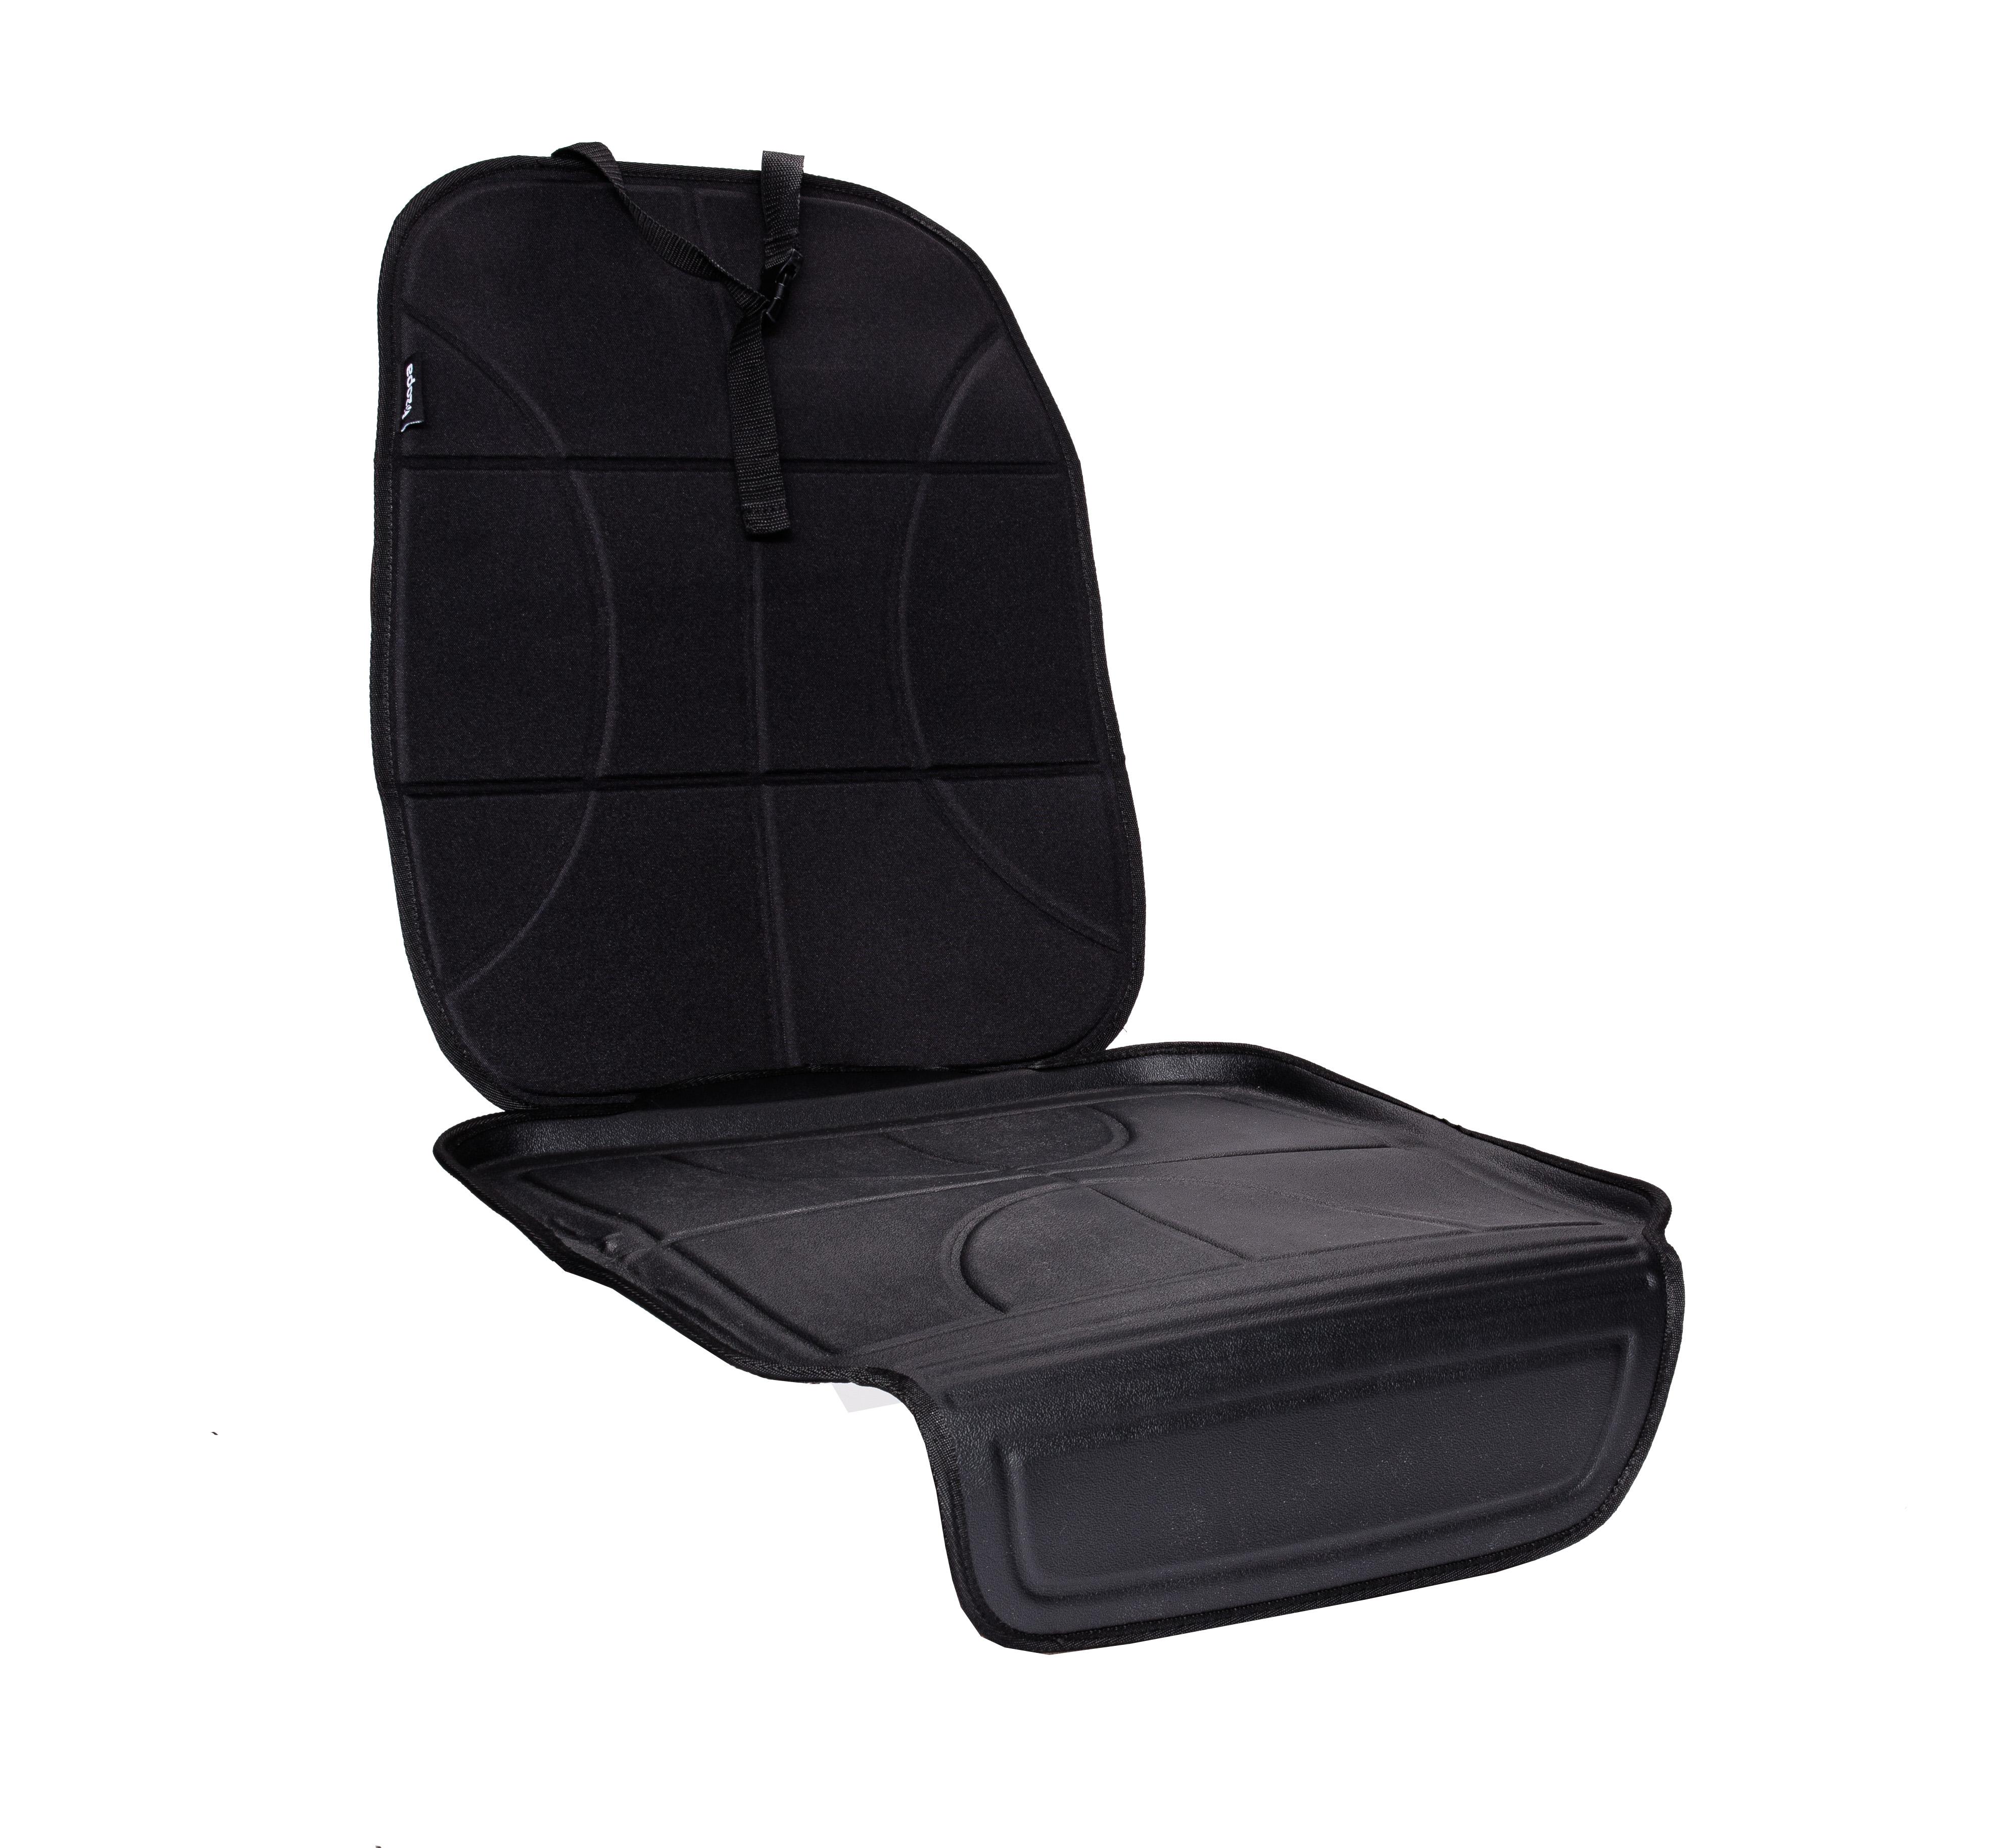 Polstrovaná ochrana sedadla pod autosedačku